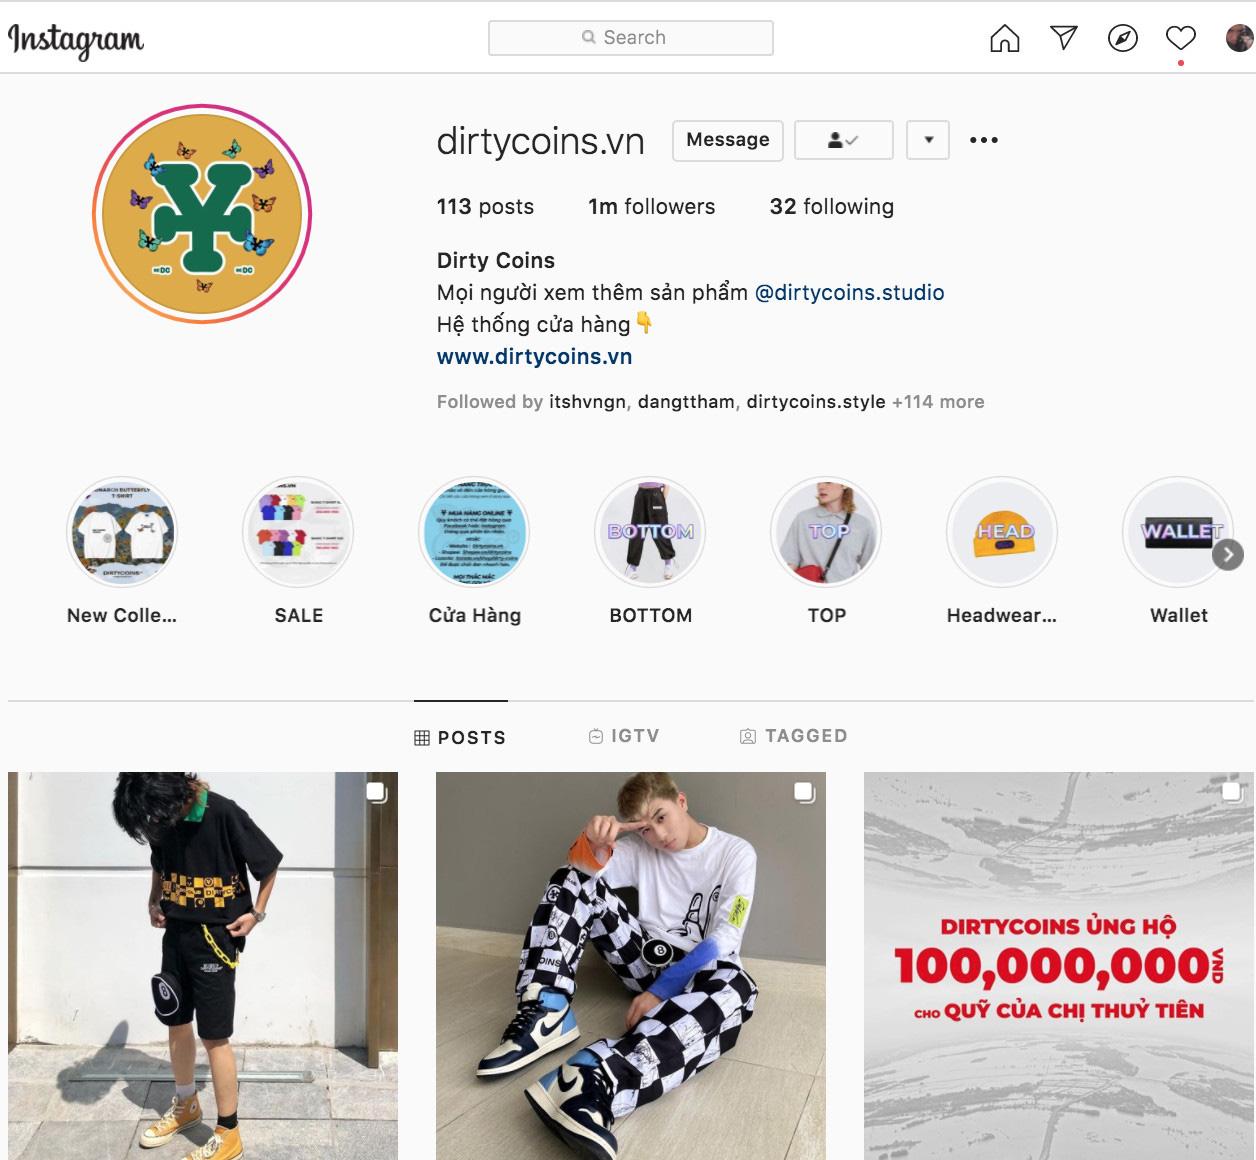 """Giải mã độ """"hot"""" của Dirty Coins - thương hiệu Việt chạm mốc 1 triệu lượt theo dõi trên Instagram - Ảnh 1."""